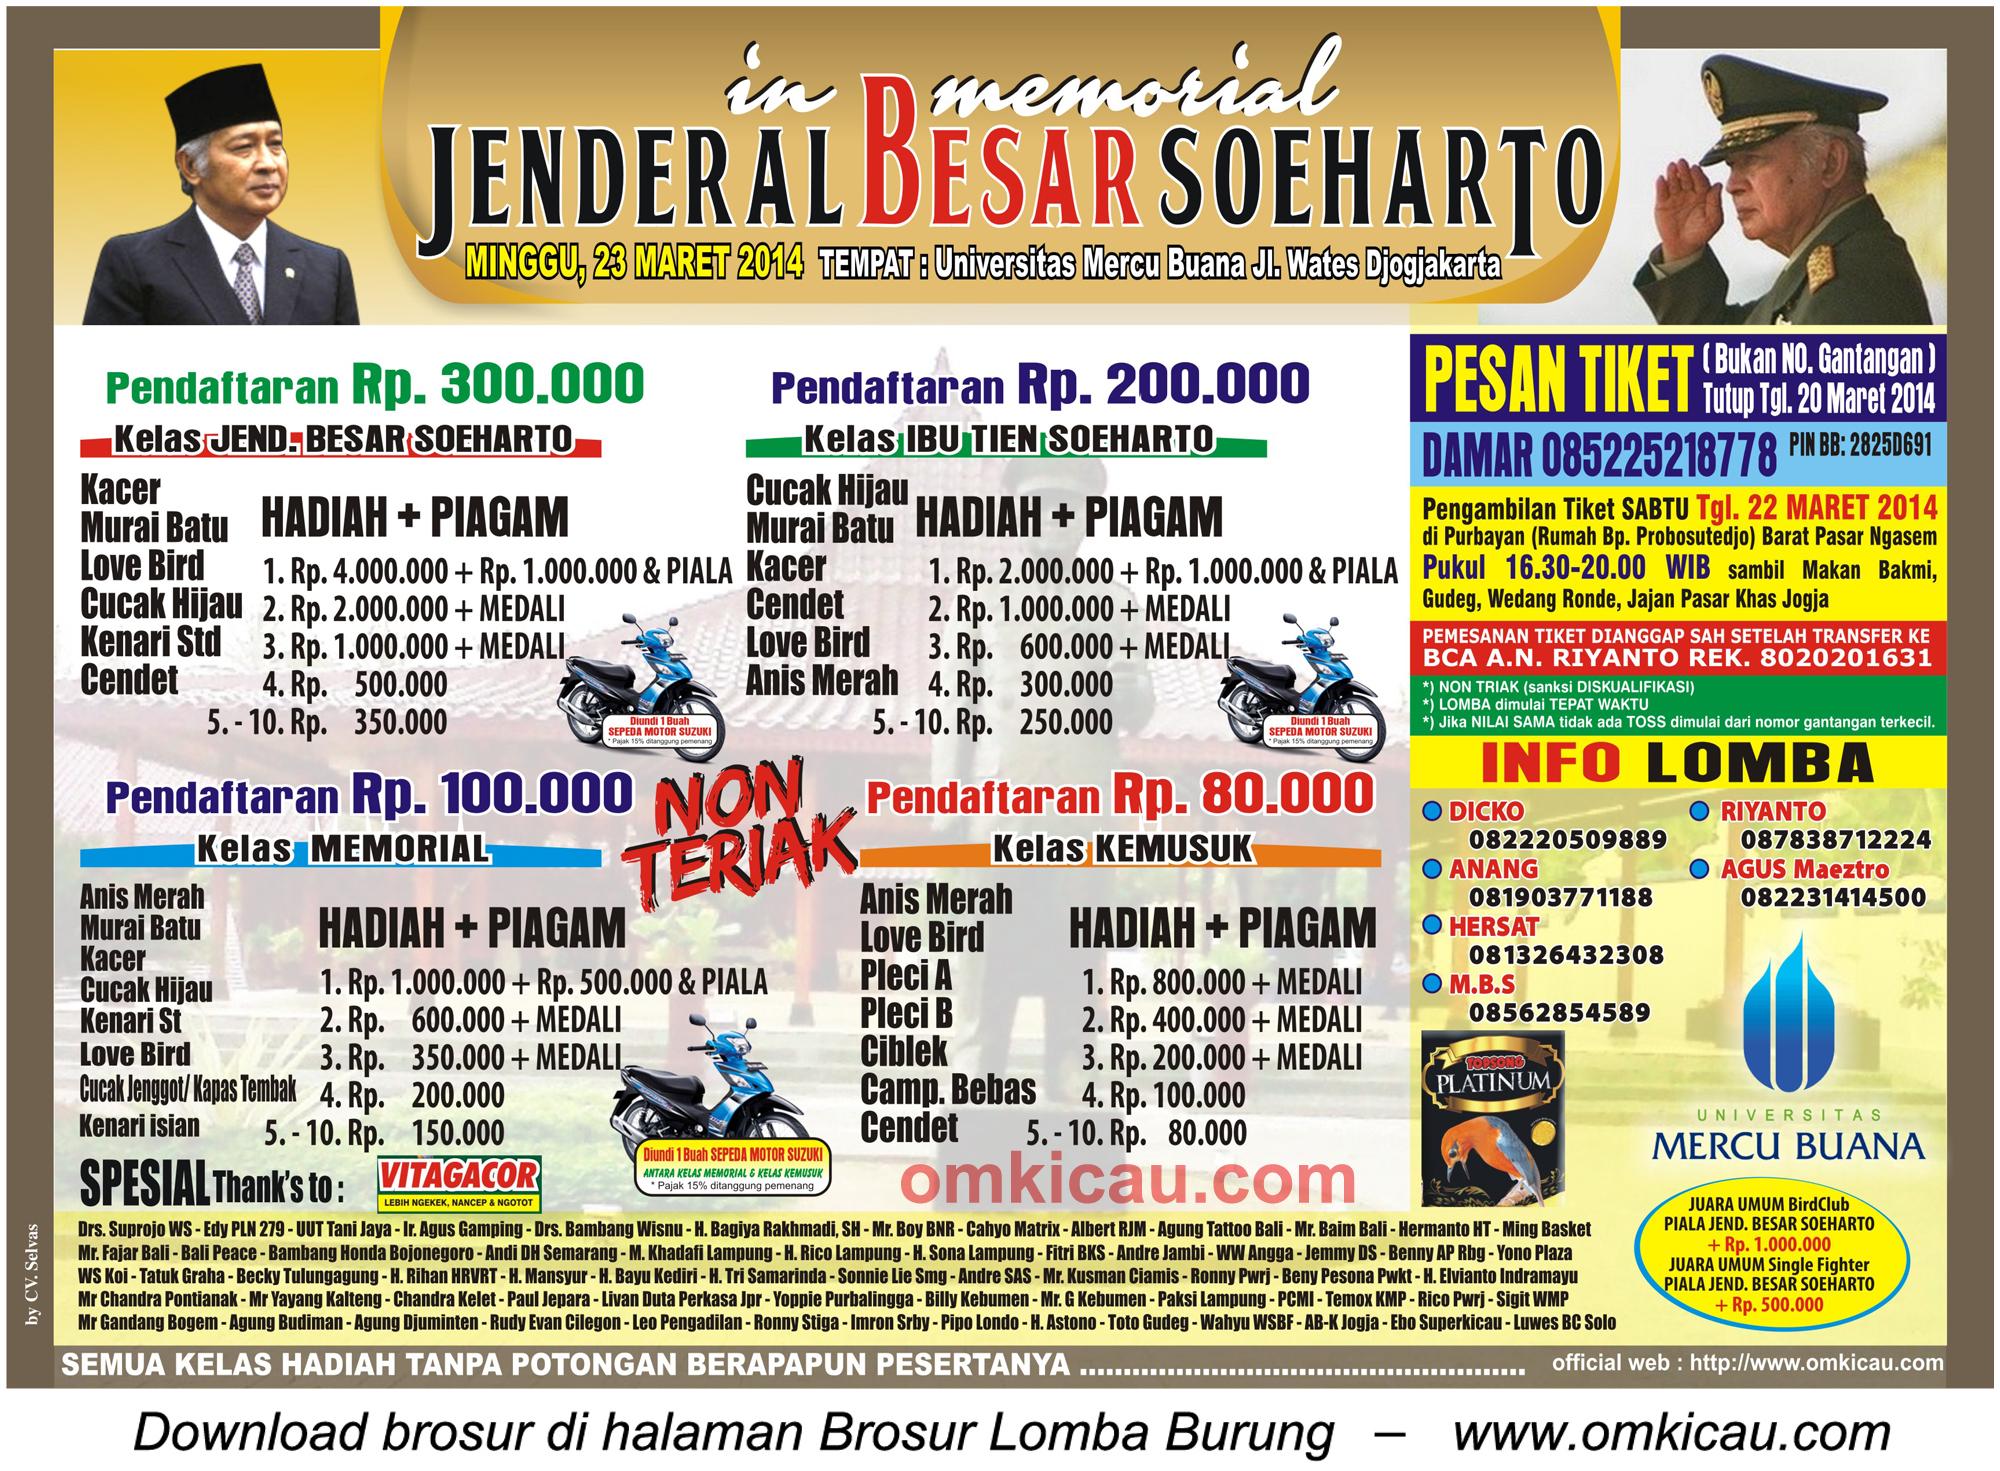 Brosur Lomba Burung In Memorial Jenderal Besar Soeharto, Jogja, 23 Maret 2014.